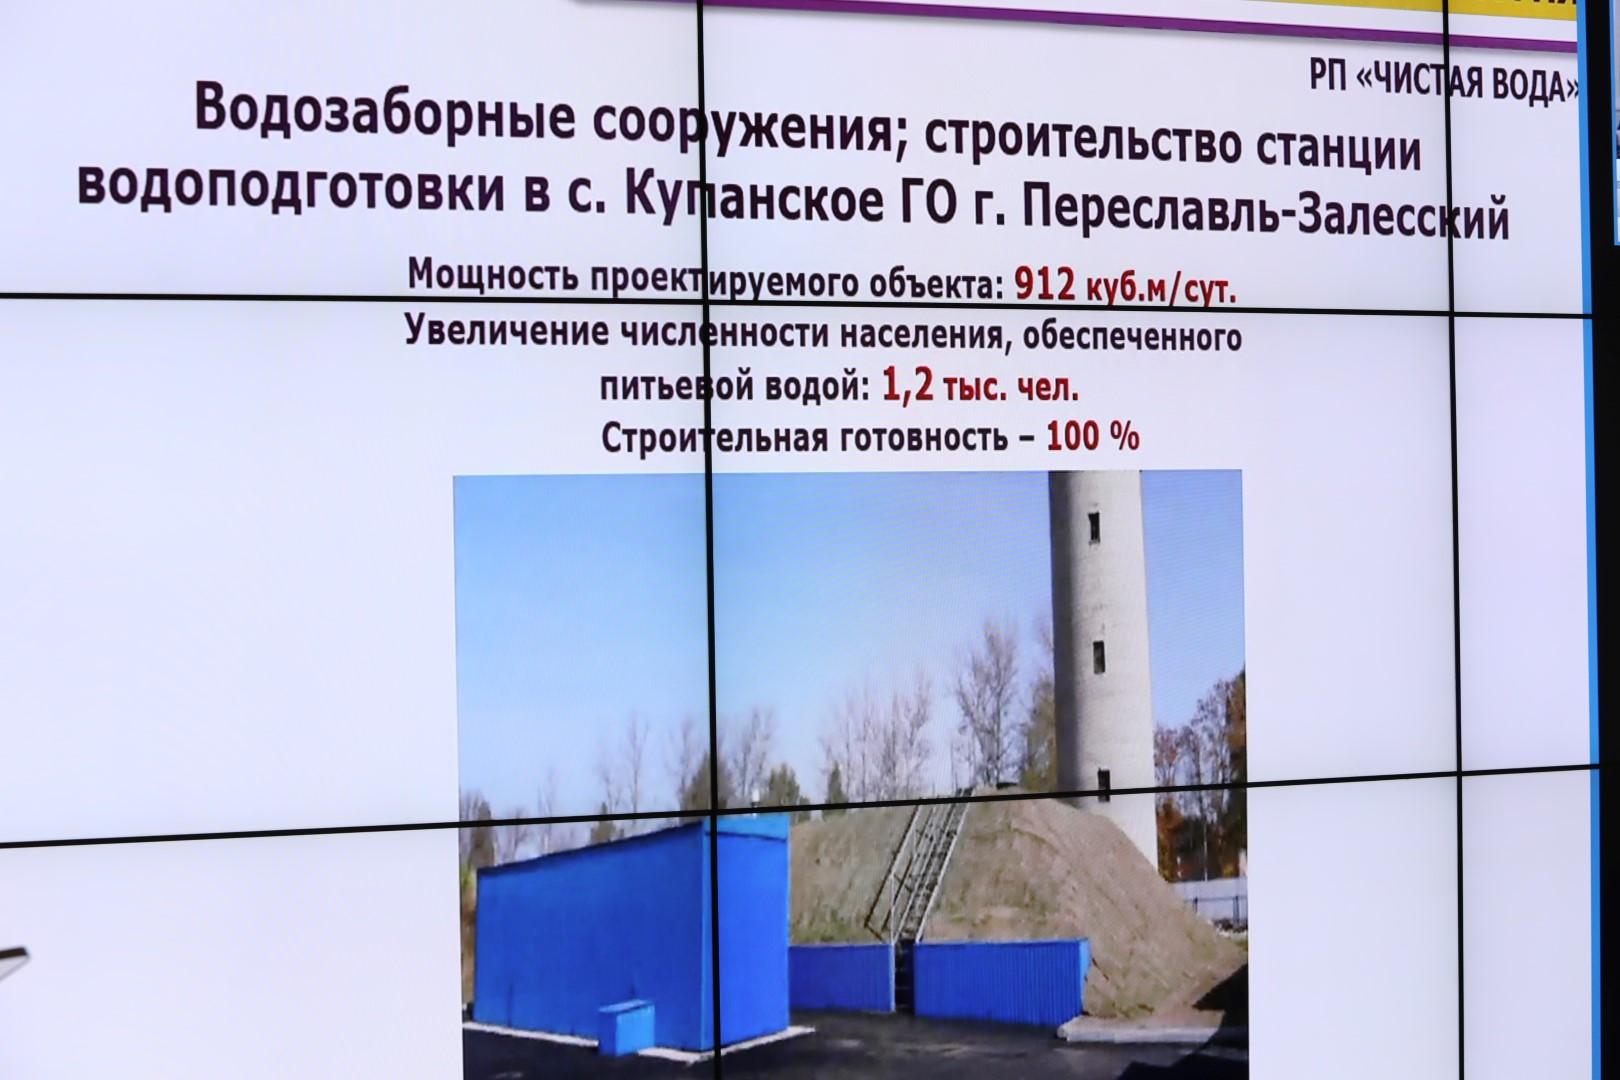 Новые очистные сооружения построены в регионе в рамках федеральных программ